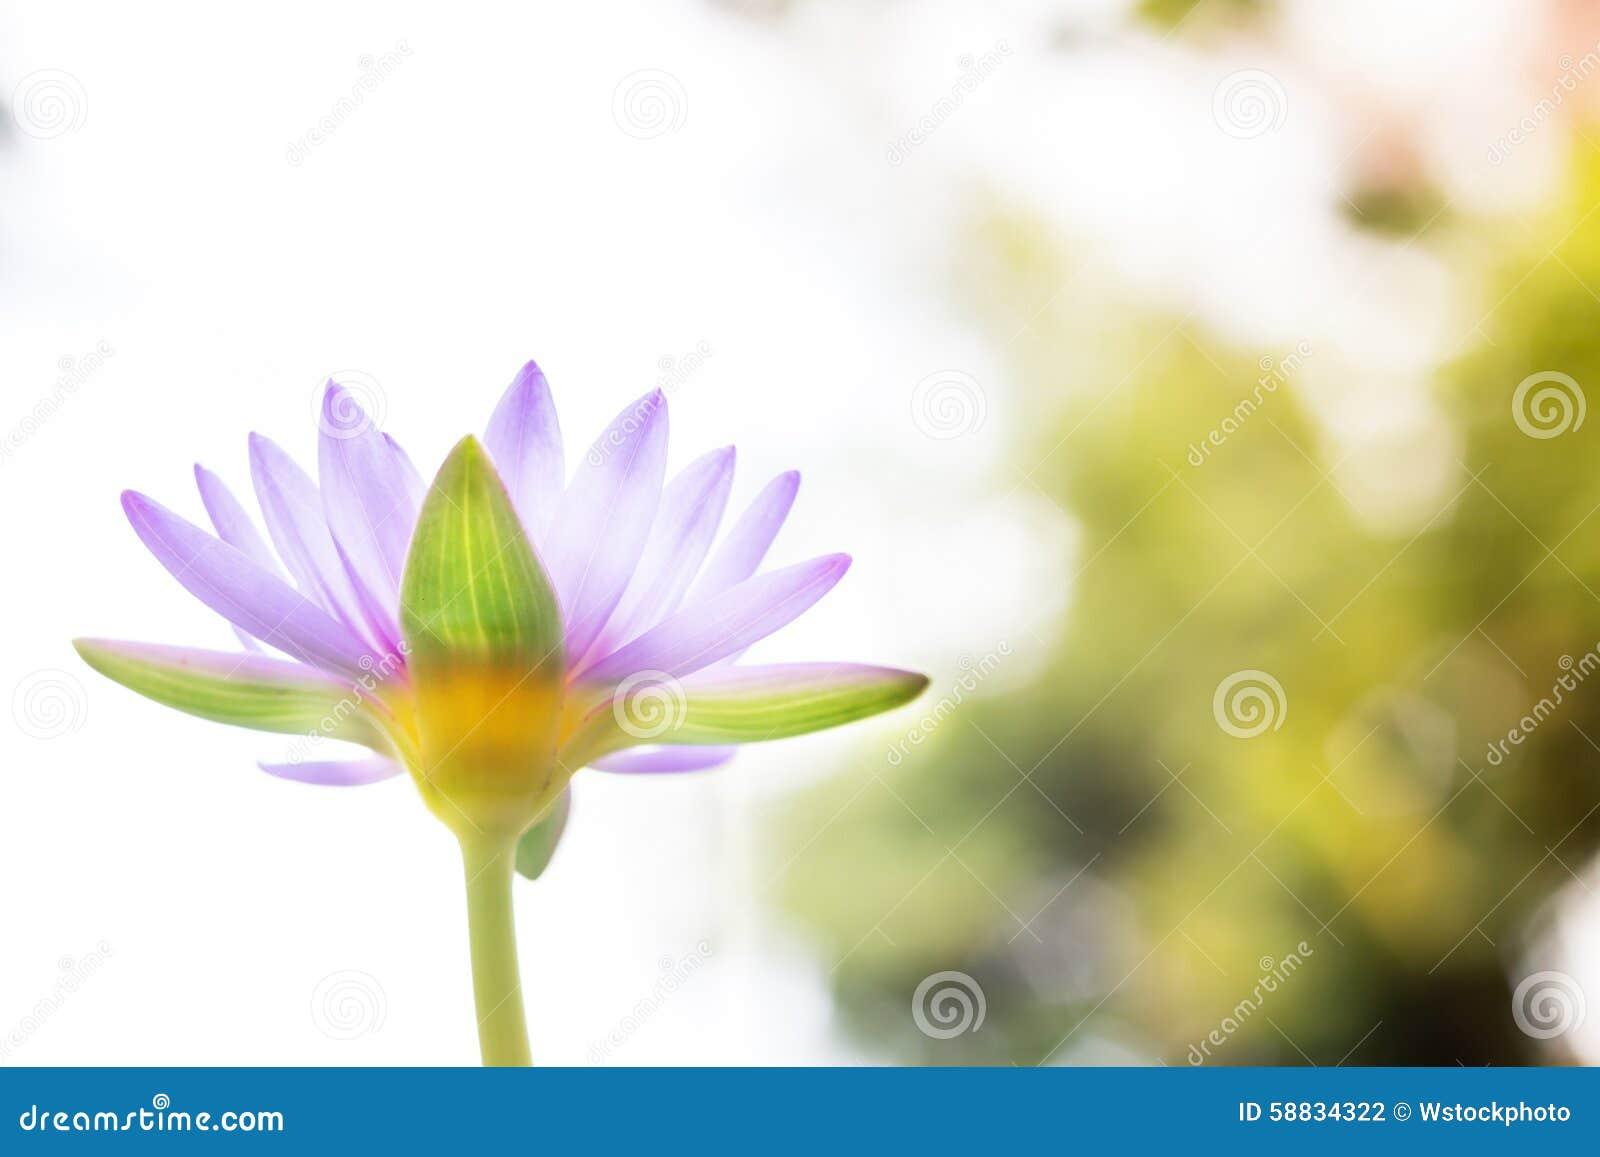 Unter Ansicht schöner purpurroter Lotus-Blume oder -Seerose auf Unschärfe b